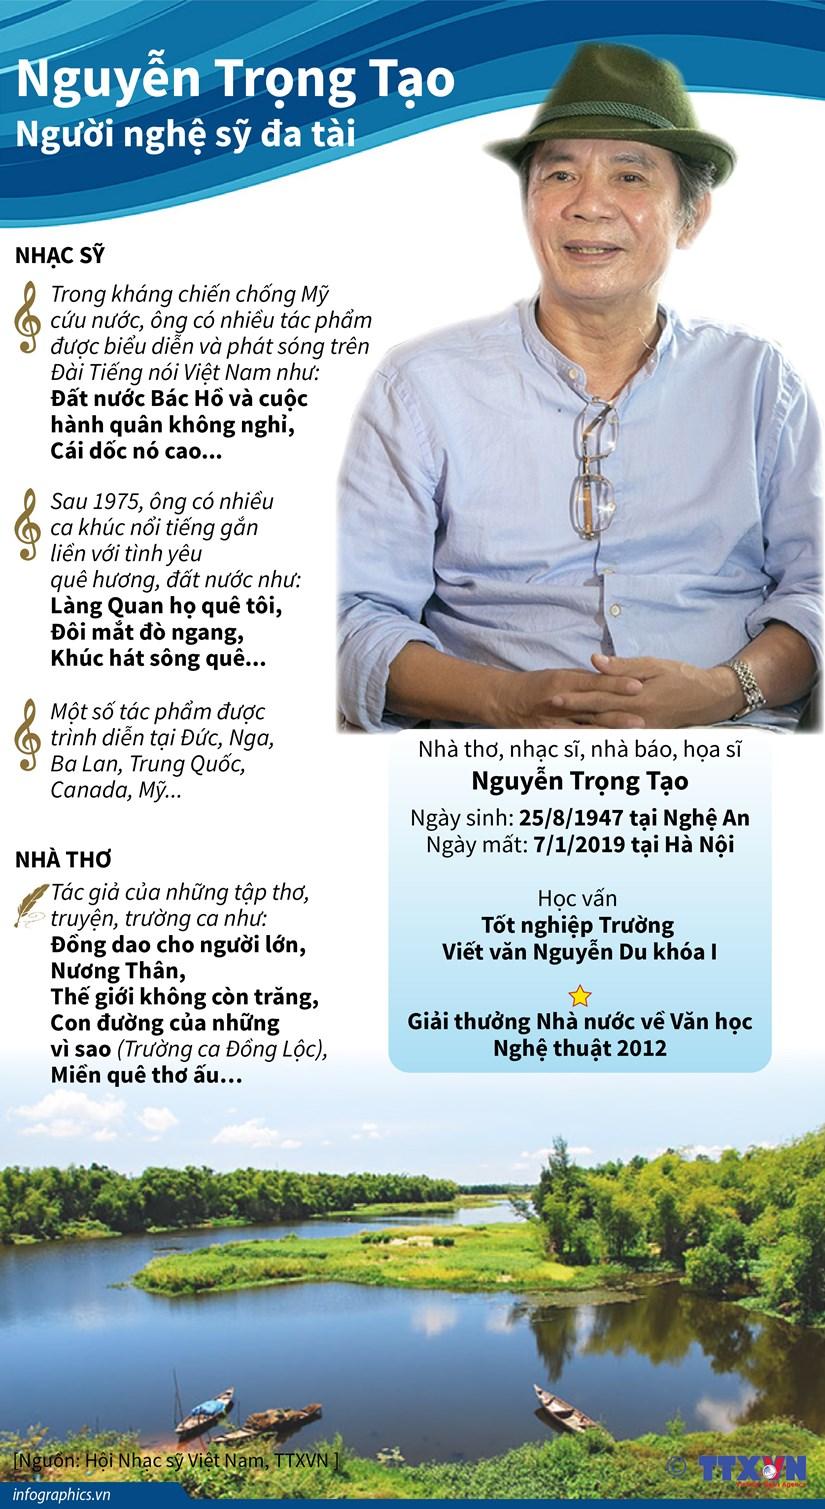 Nhung dau an lam nen nguoi nghe sy da tai Nguyen Trong Tao hinh anh 1